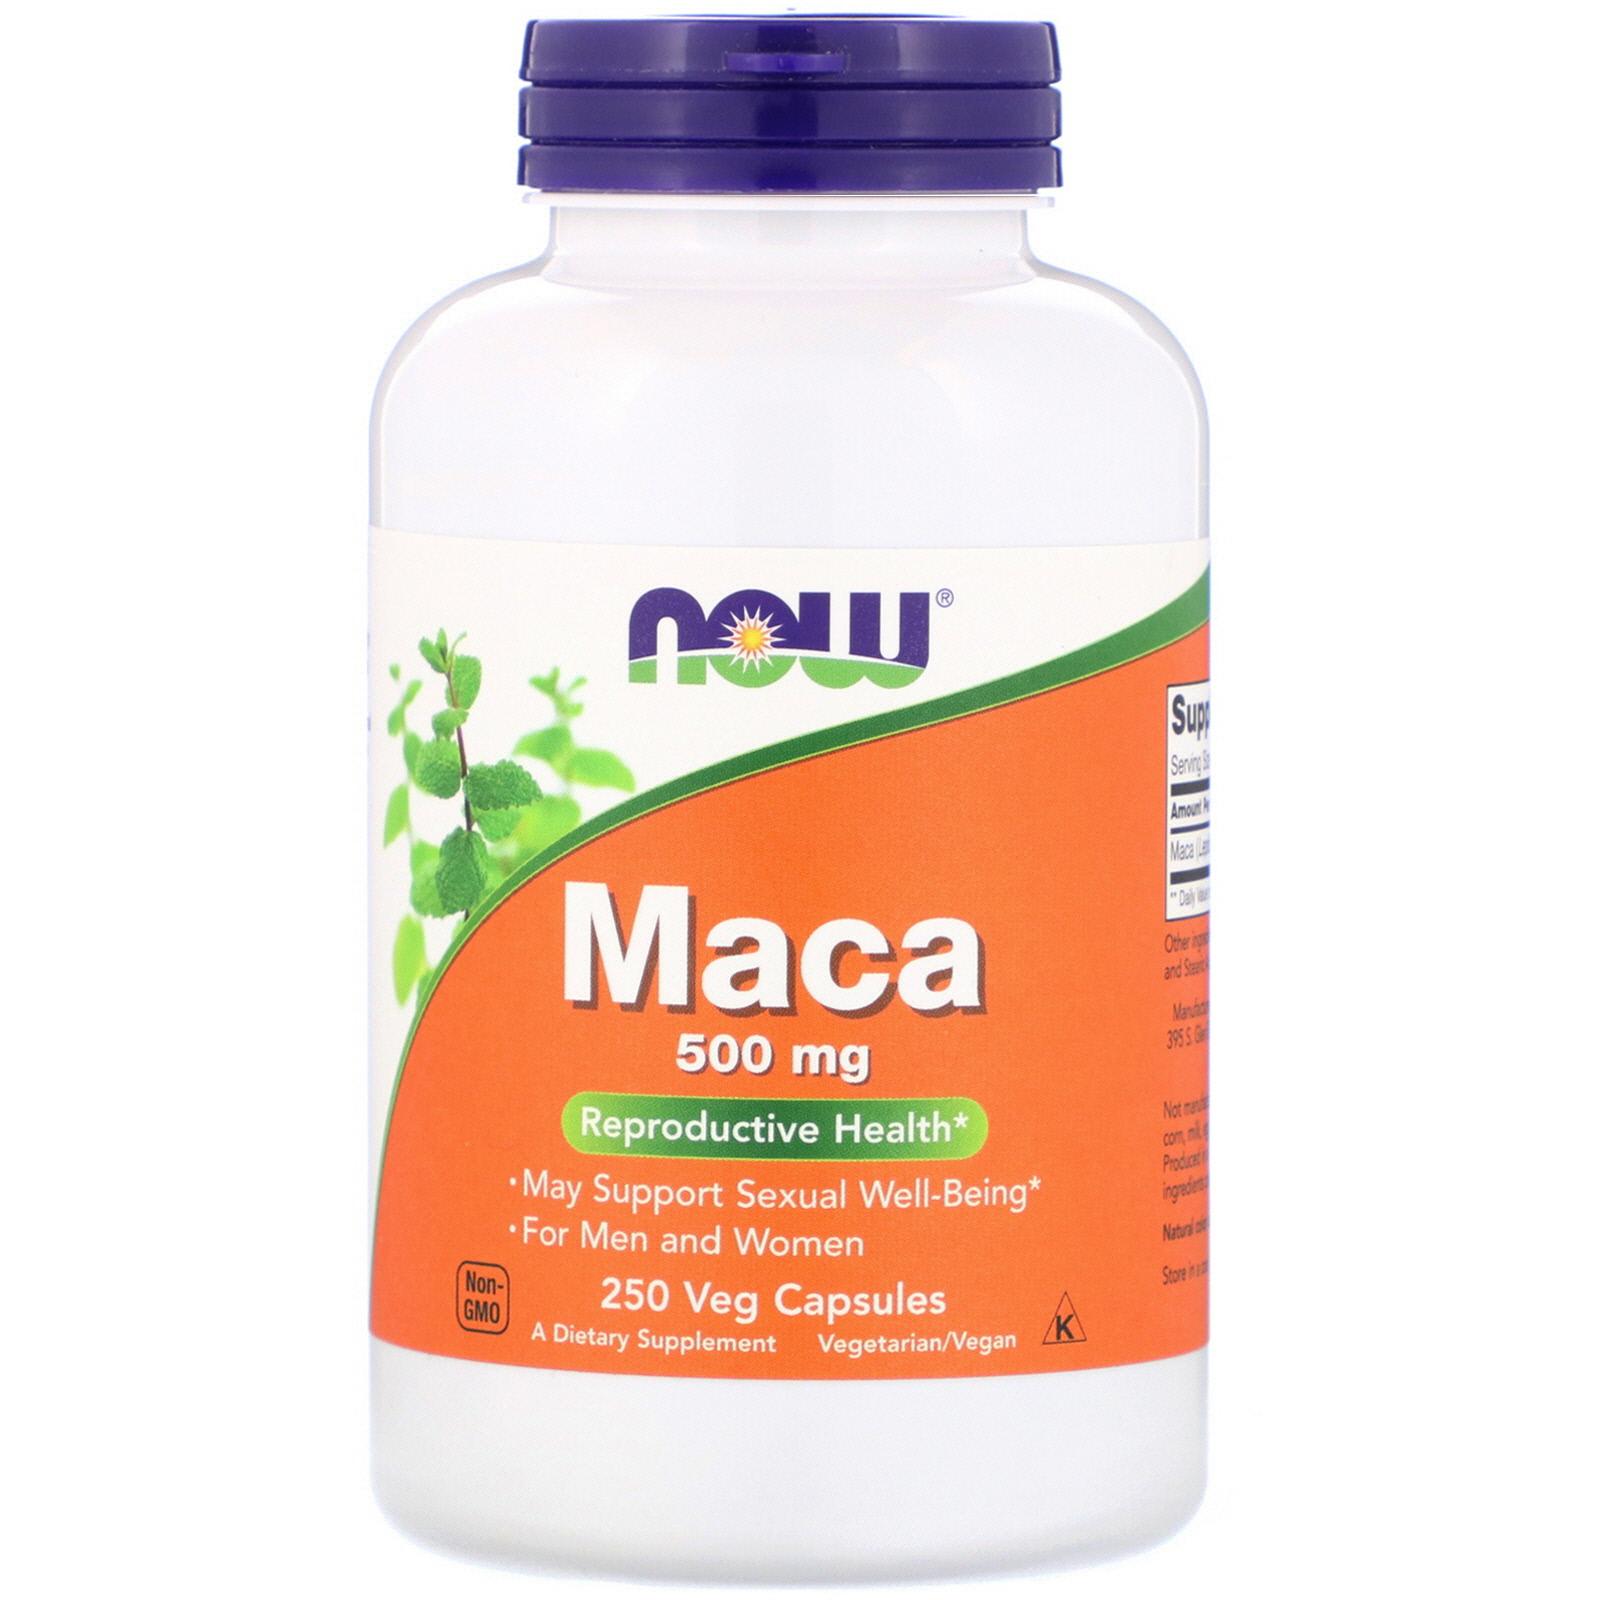 فوائد عشبة الماكا عشبة الماكا اي هيرب تجربتي مع الماكا عشبة الماكا عند العطار سعر منتج ملتي ماكا ملتي ماكا النهدي عشبة الماكا maca root سعر ملتي ماكا في النهدي اقراص ماكا